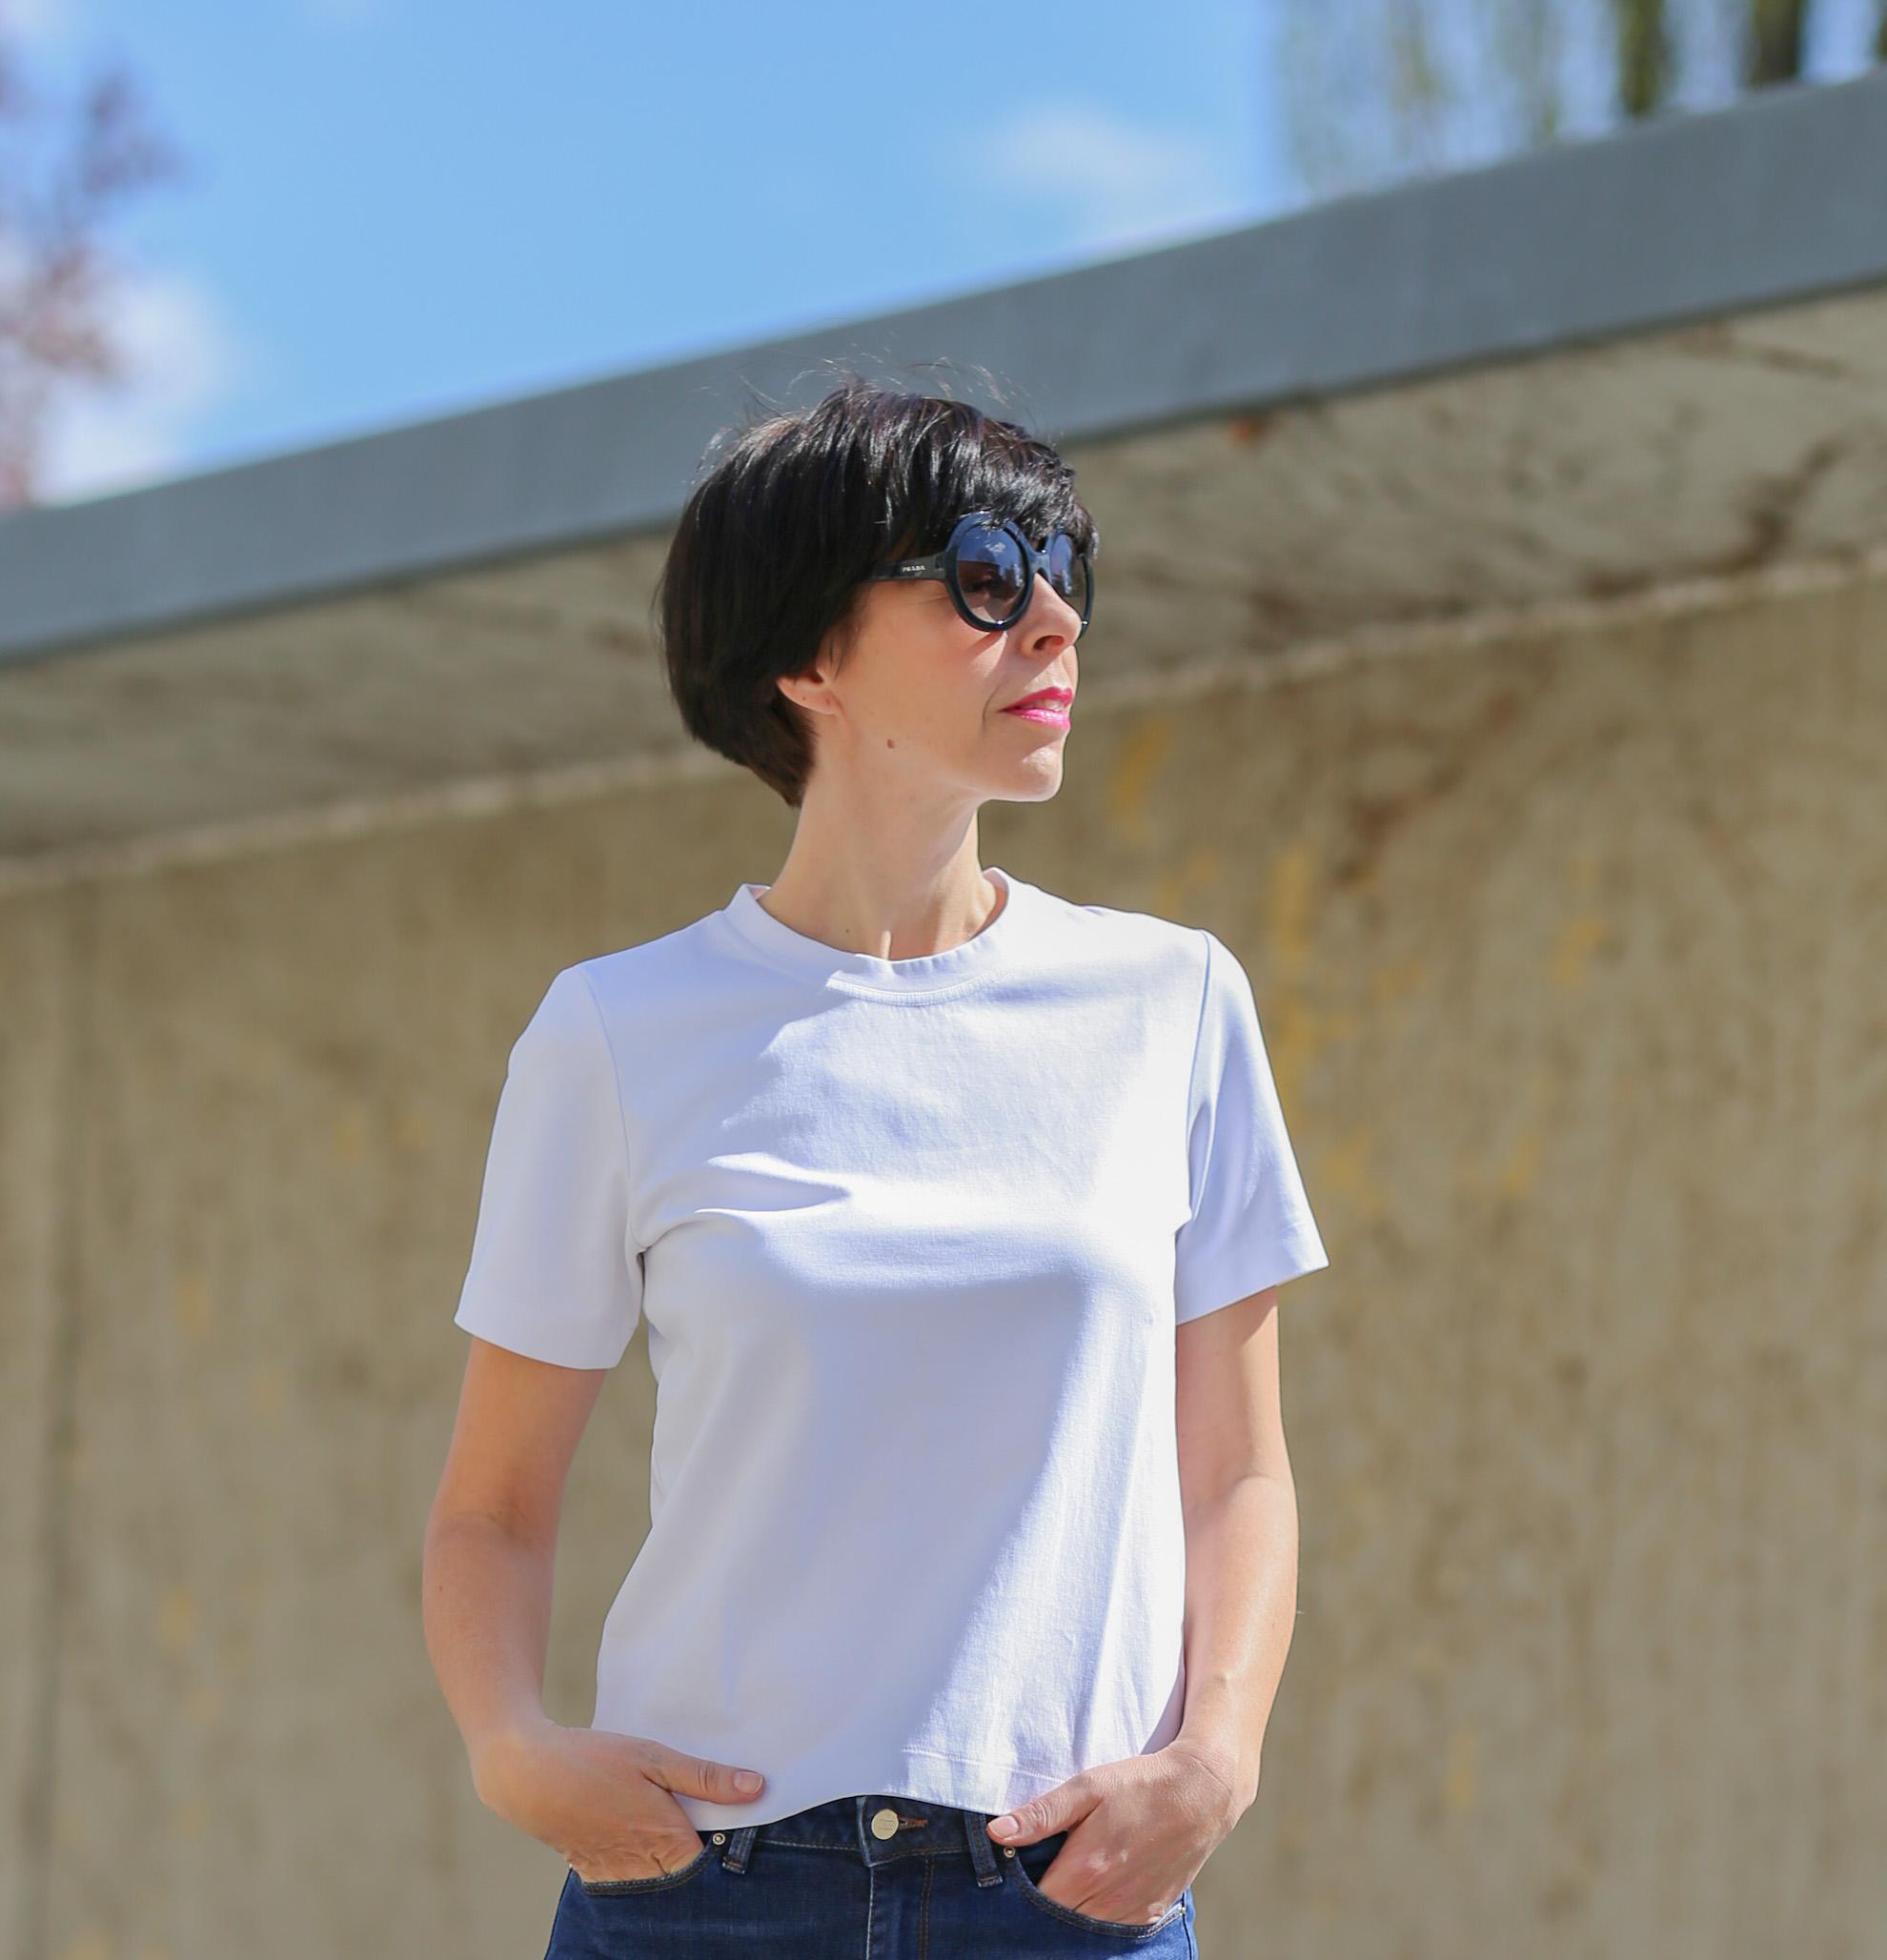 Frau mit kurzem schwarzem Haar und schwarzer Sonnenbrille trägt ein weisses T-Shirt und schaut zur Sonne